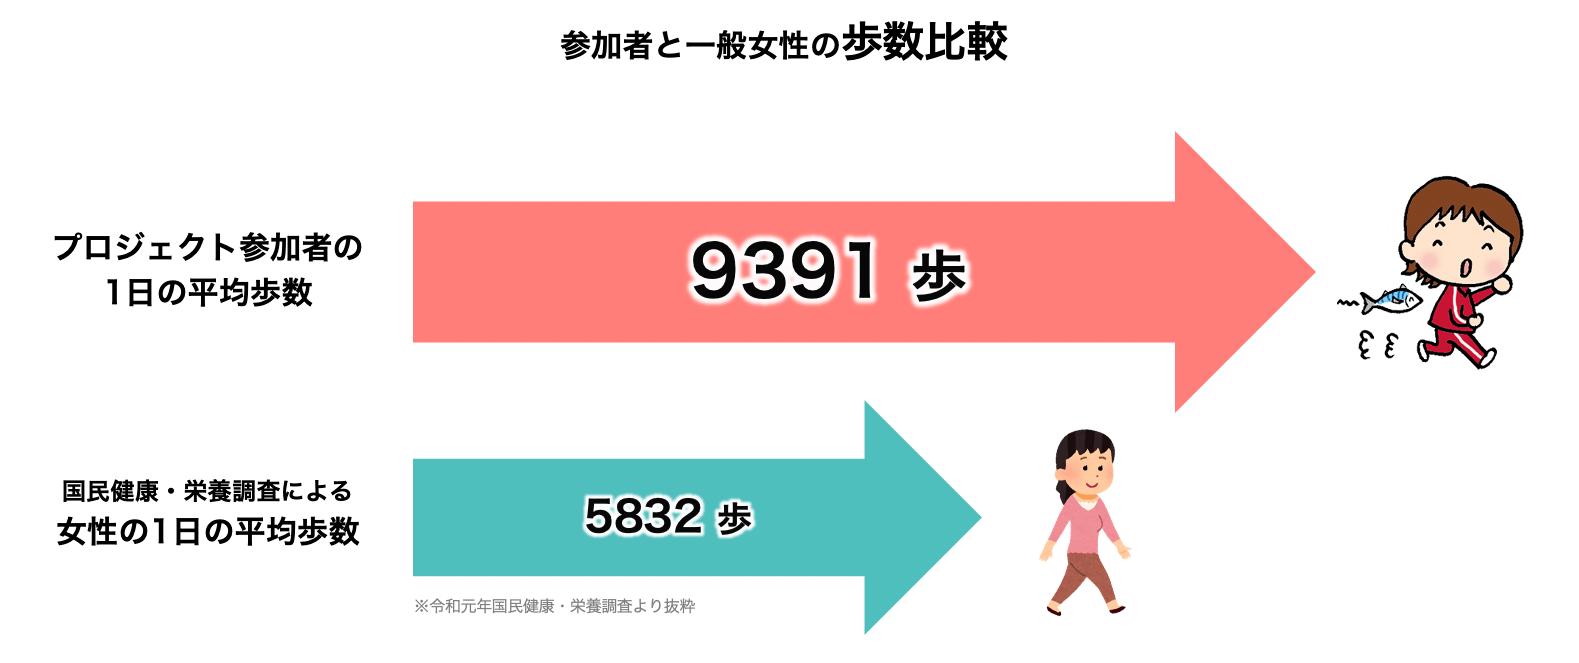 参加者と一般女性の歩数比較